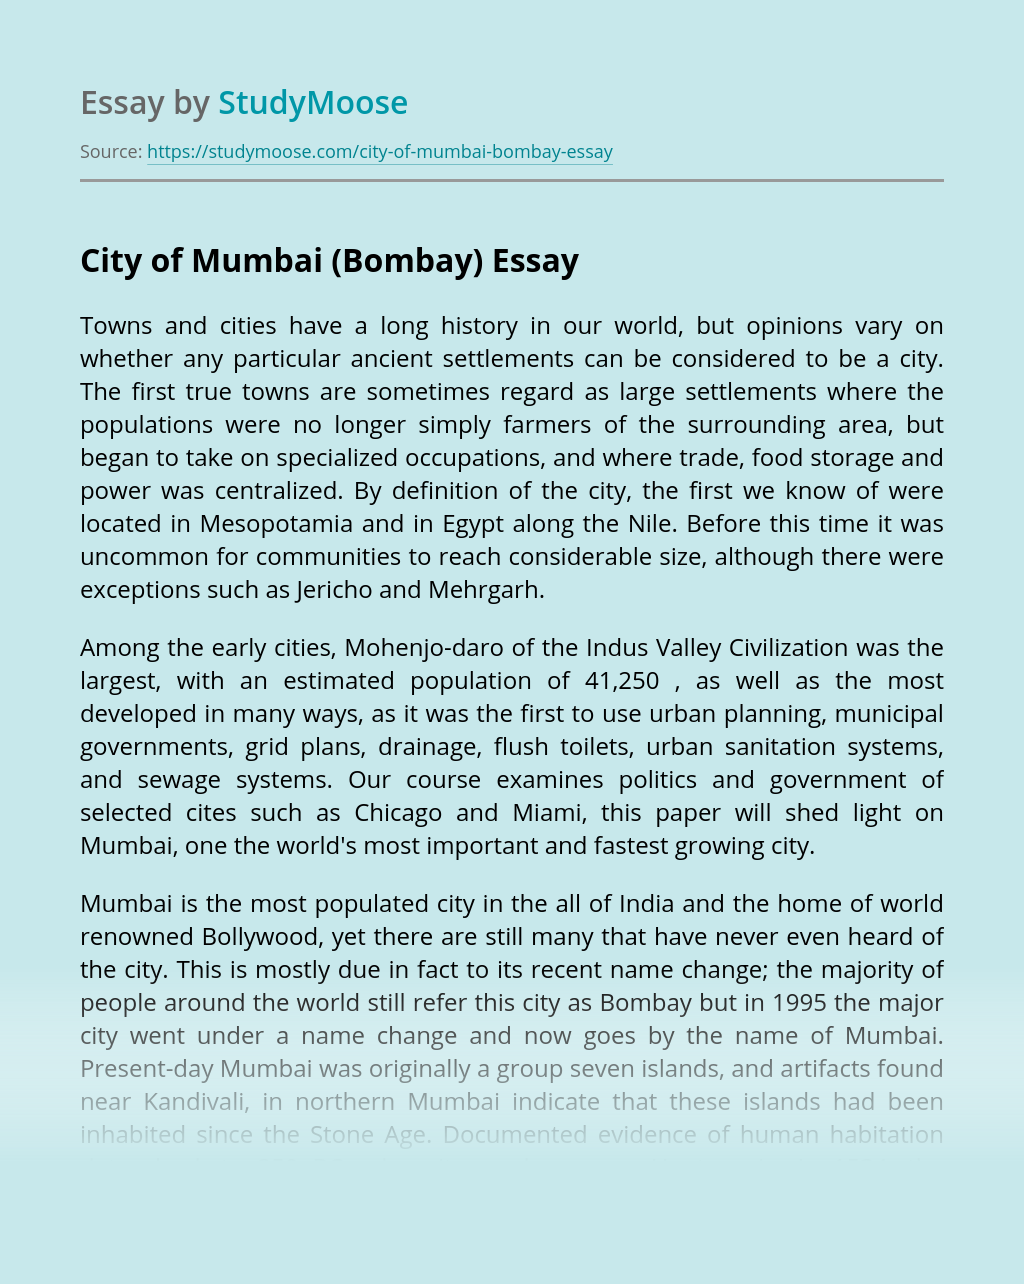 City of Mumbai (Bombay)